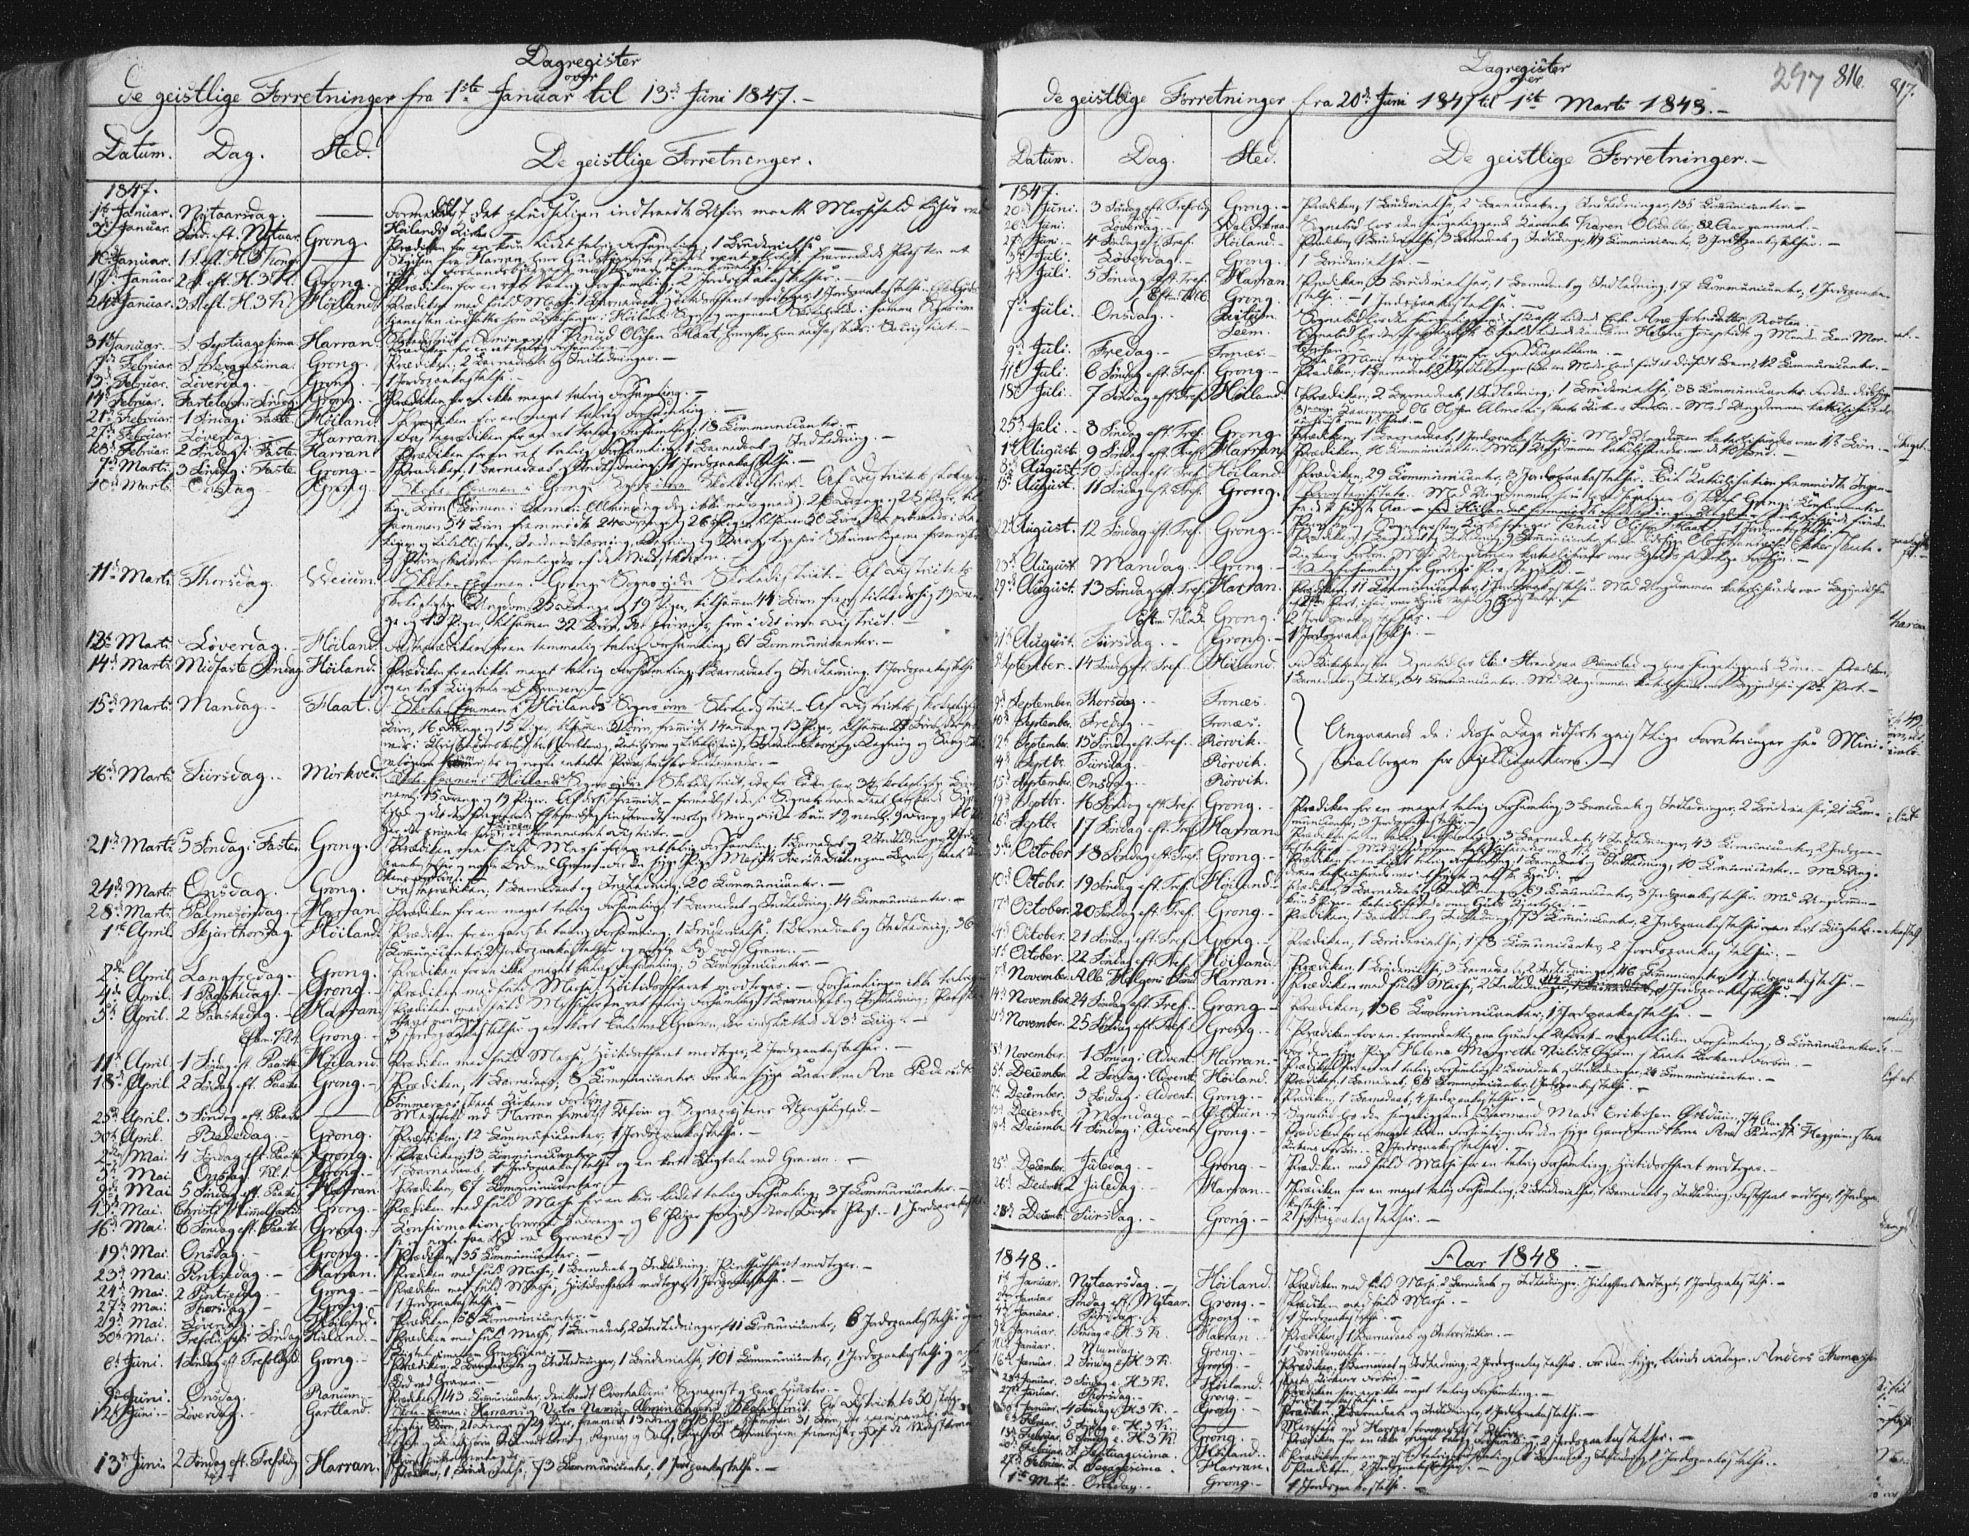 SAT, Ministerialprotokoller, klokkerbøker og fødselsregistre - Nord-Trøndelag, 758/L0513: Ministerialbok nr. 758A02 /1, 1839-1868, s. 297